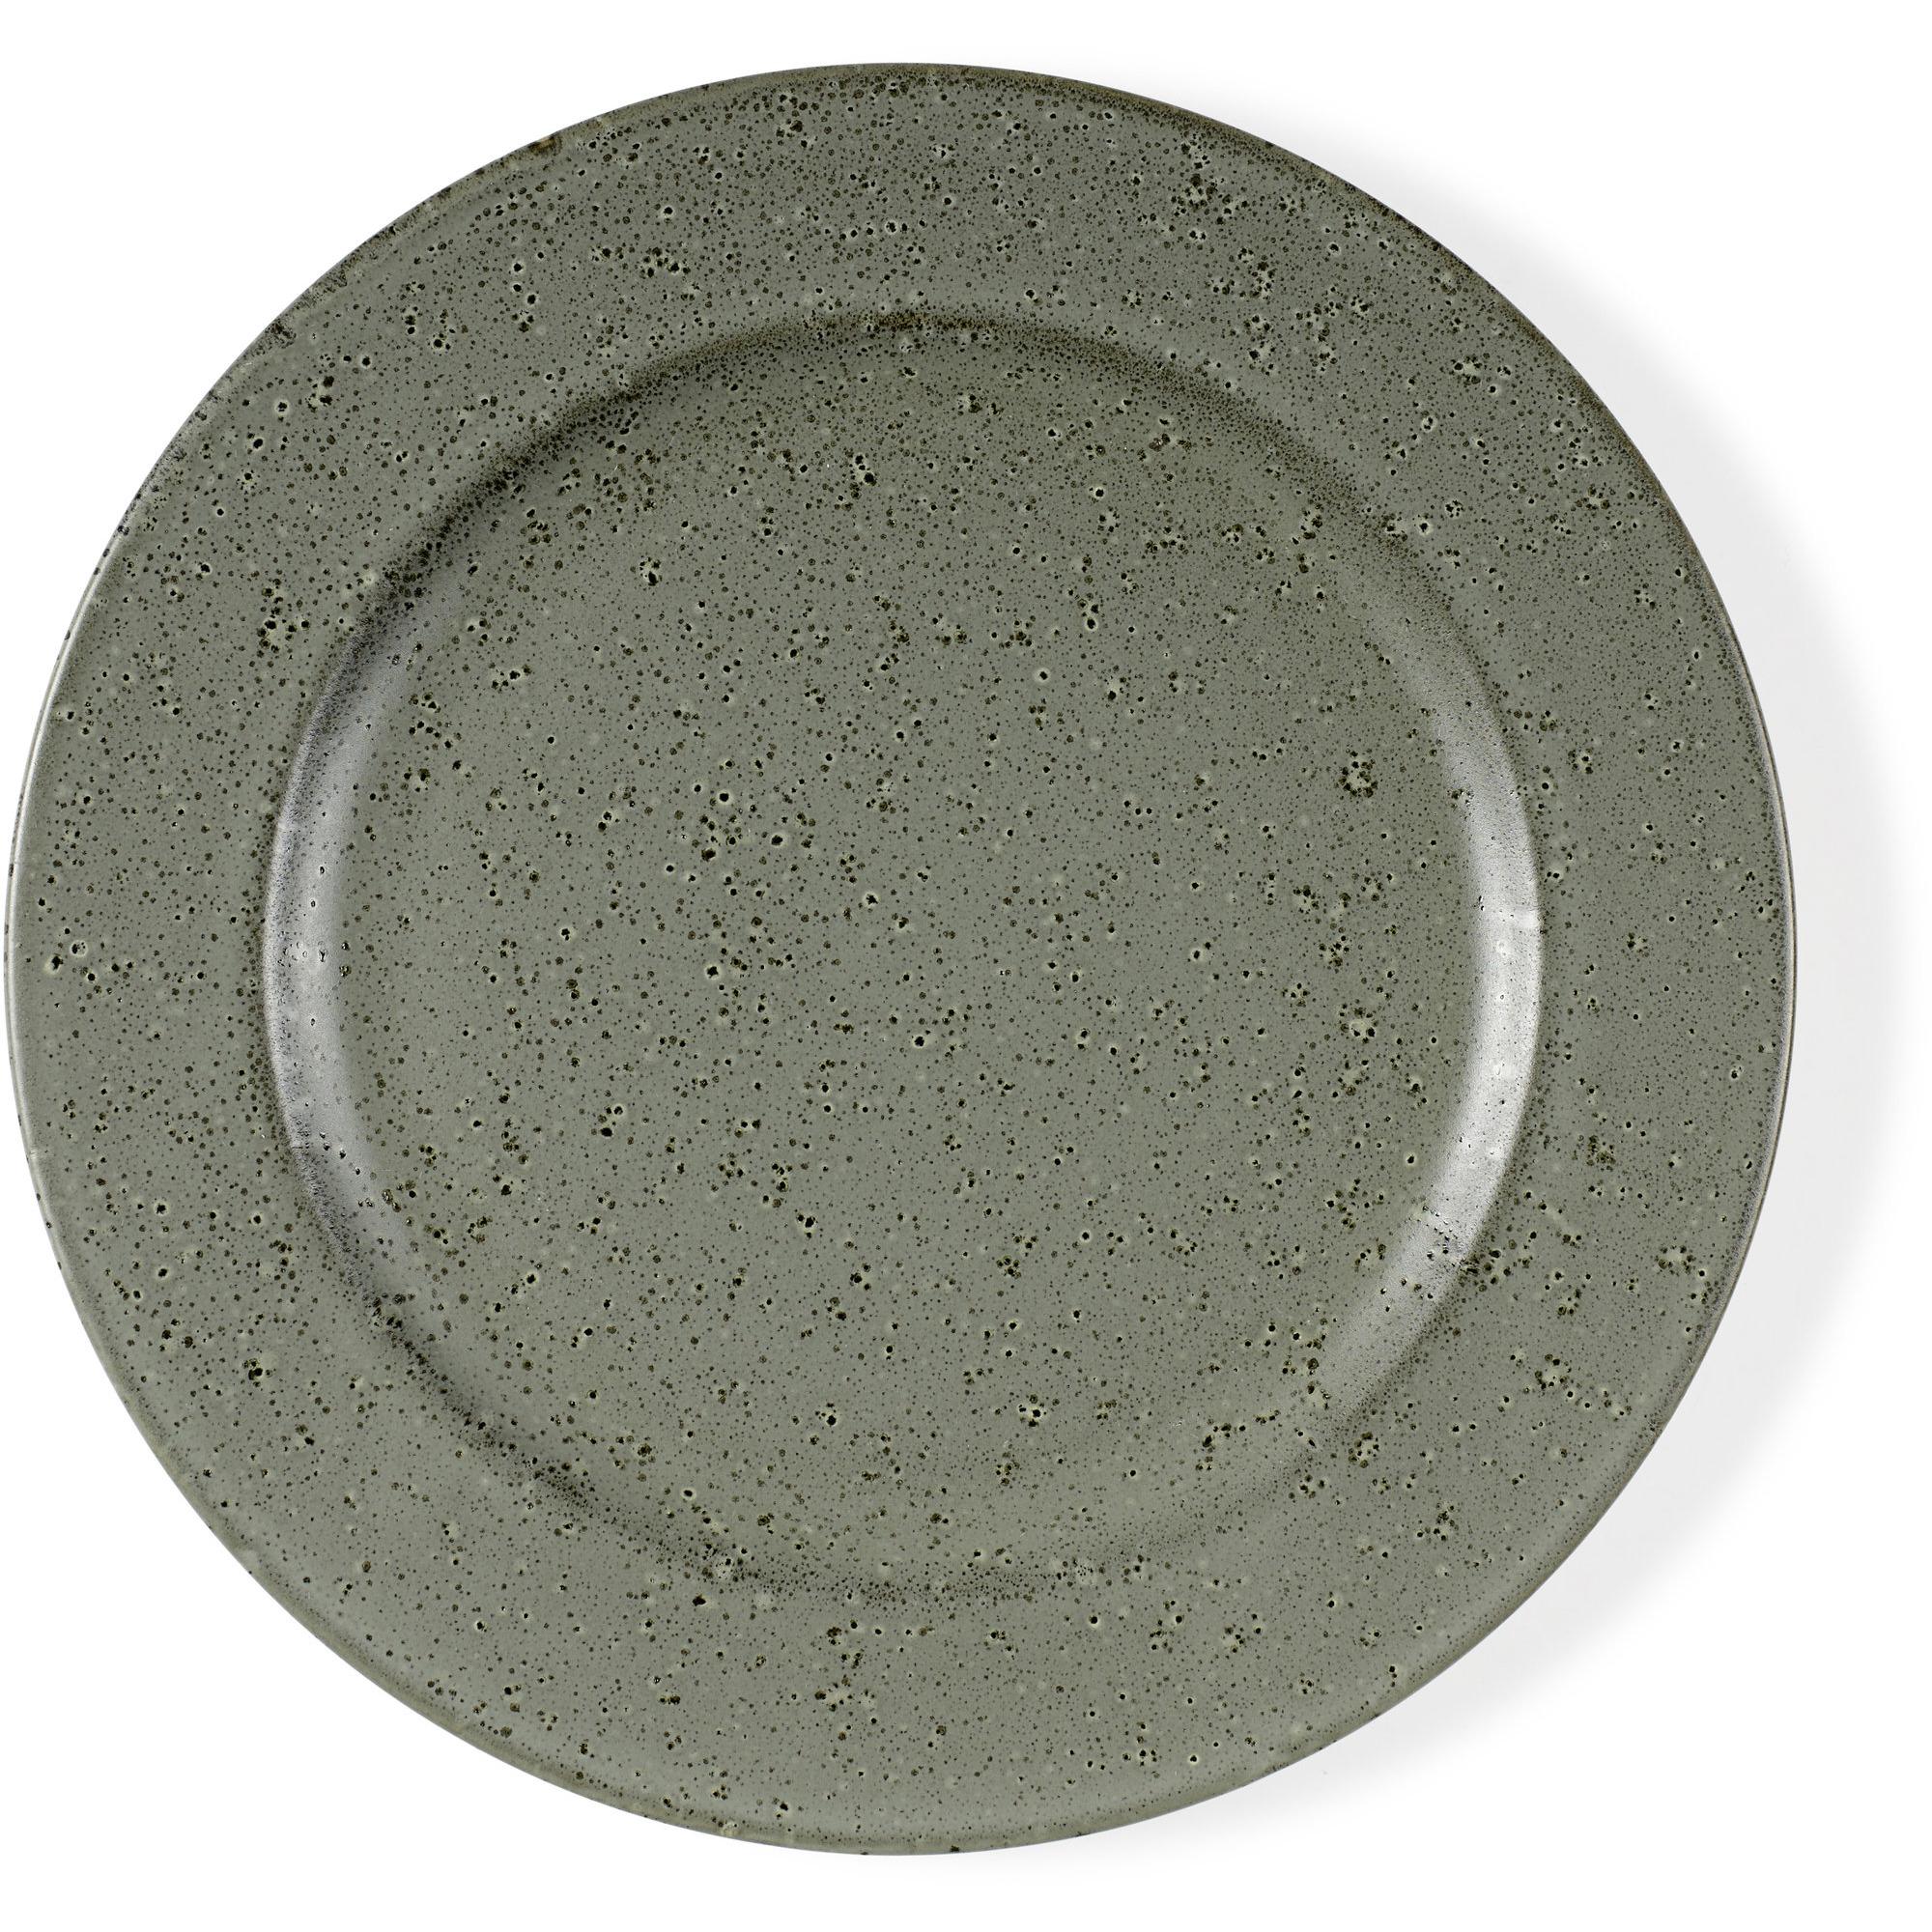 Bitz Desserttallrik 22 cm grön